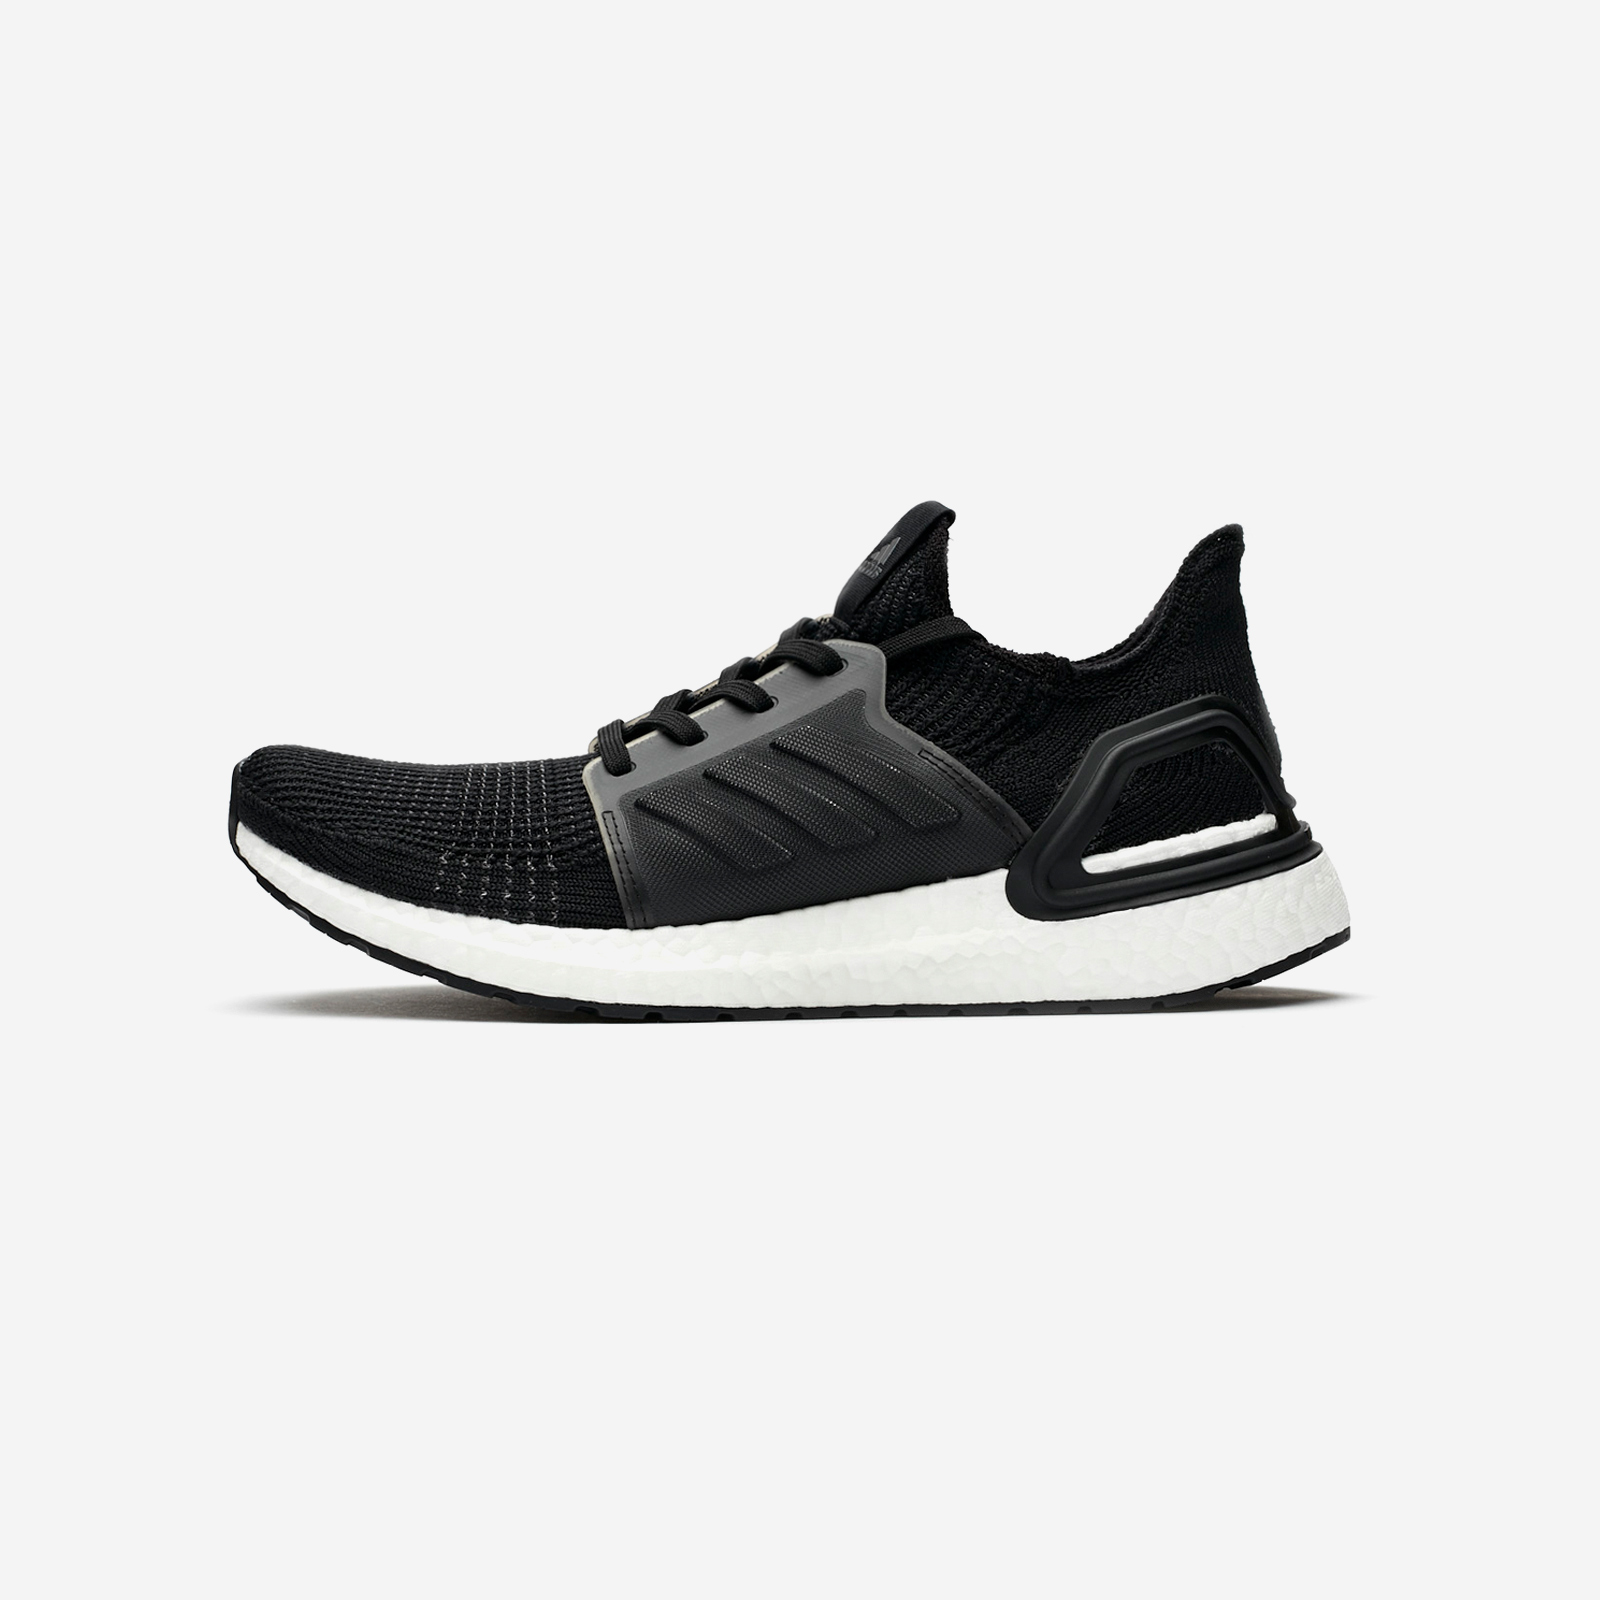 adidas Ultraboost 19 - G54009 - Sneakersnstuff   sneakers